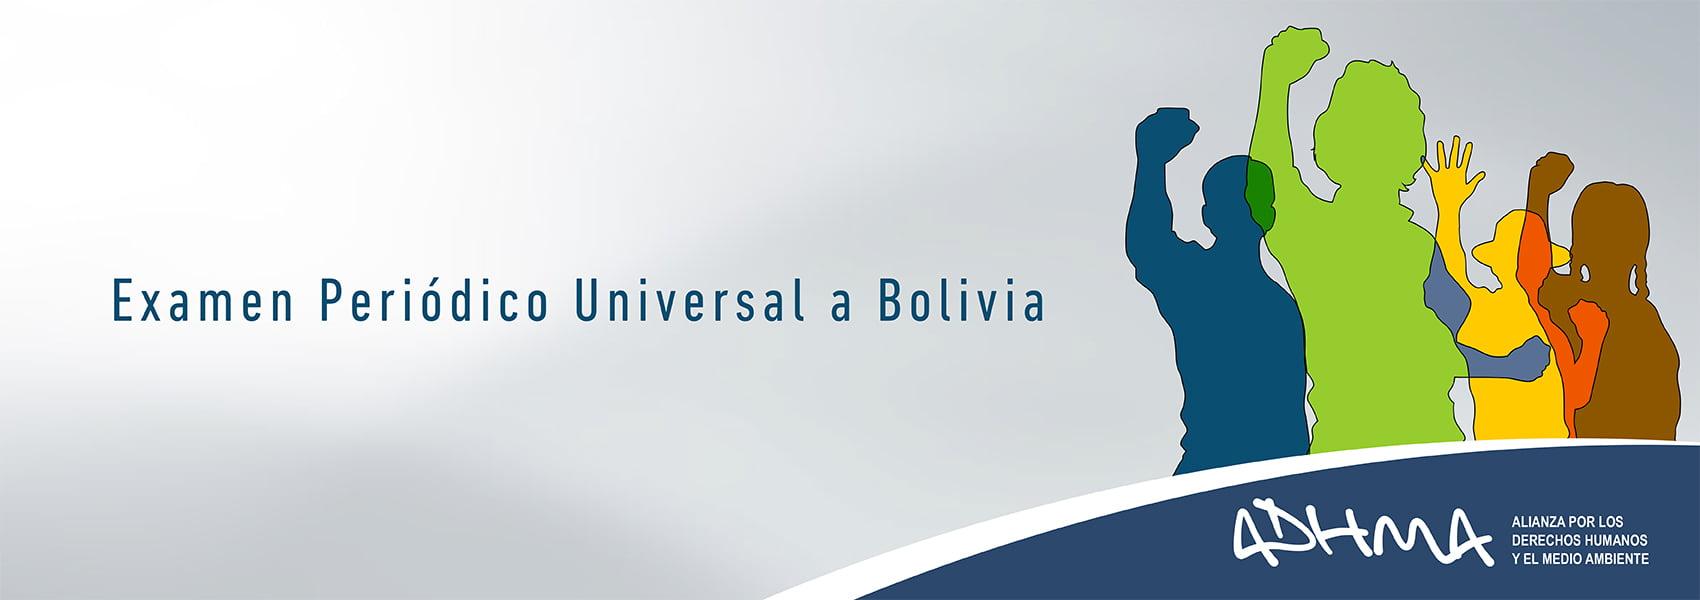 Examen Periódico Universal sobre derechos humanos a Bolivia en Naciones Unidas